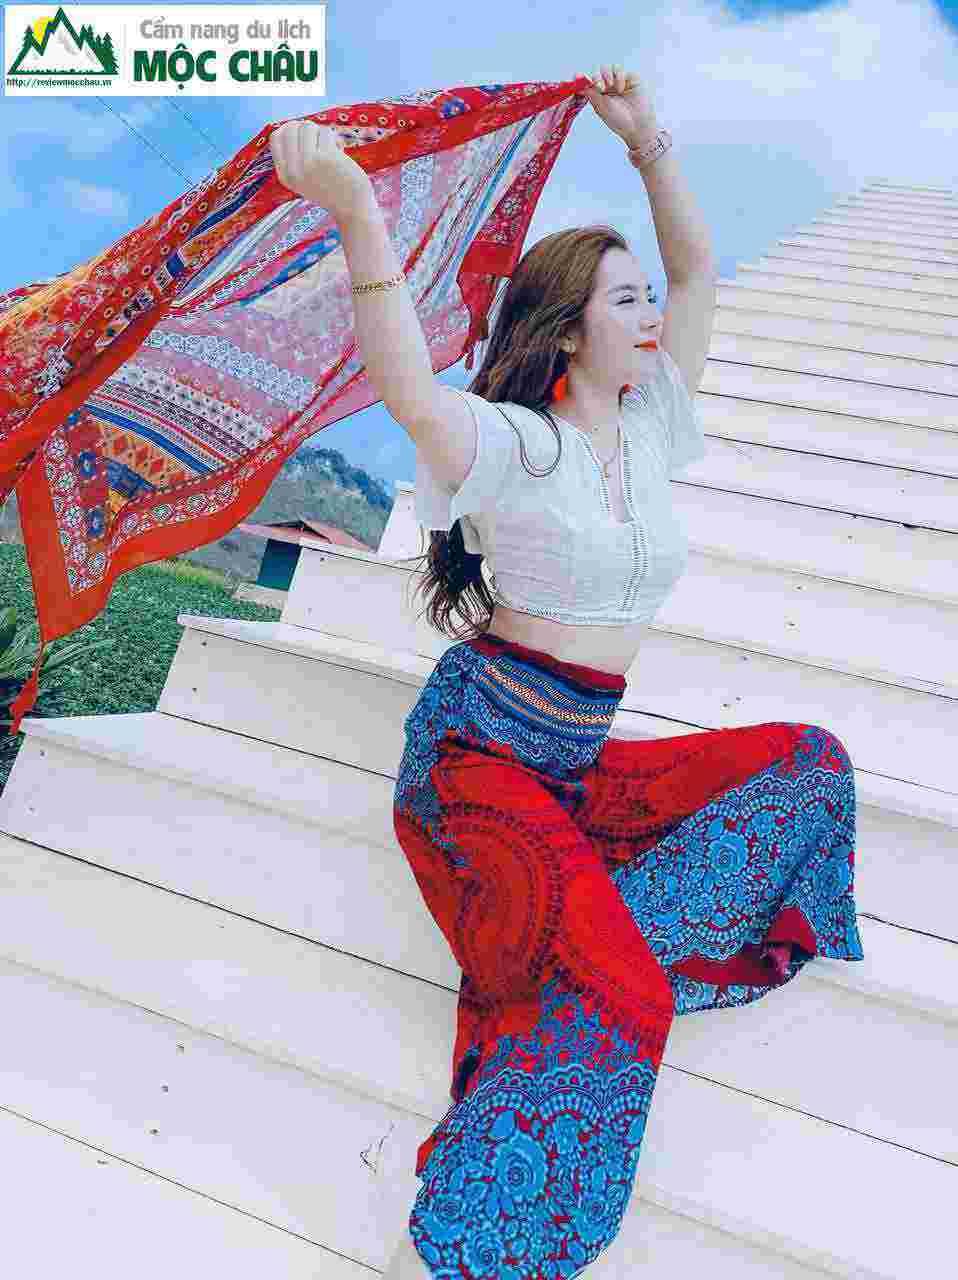 thoi trang vintage moc chau 1 80 - Tiệm cho thuê trang phục, phụ kiện boho, vintage đẹp Mộc Châu | Tiệm Nguyễn